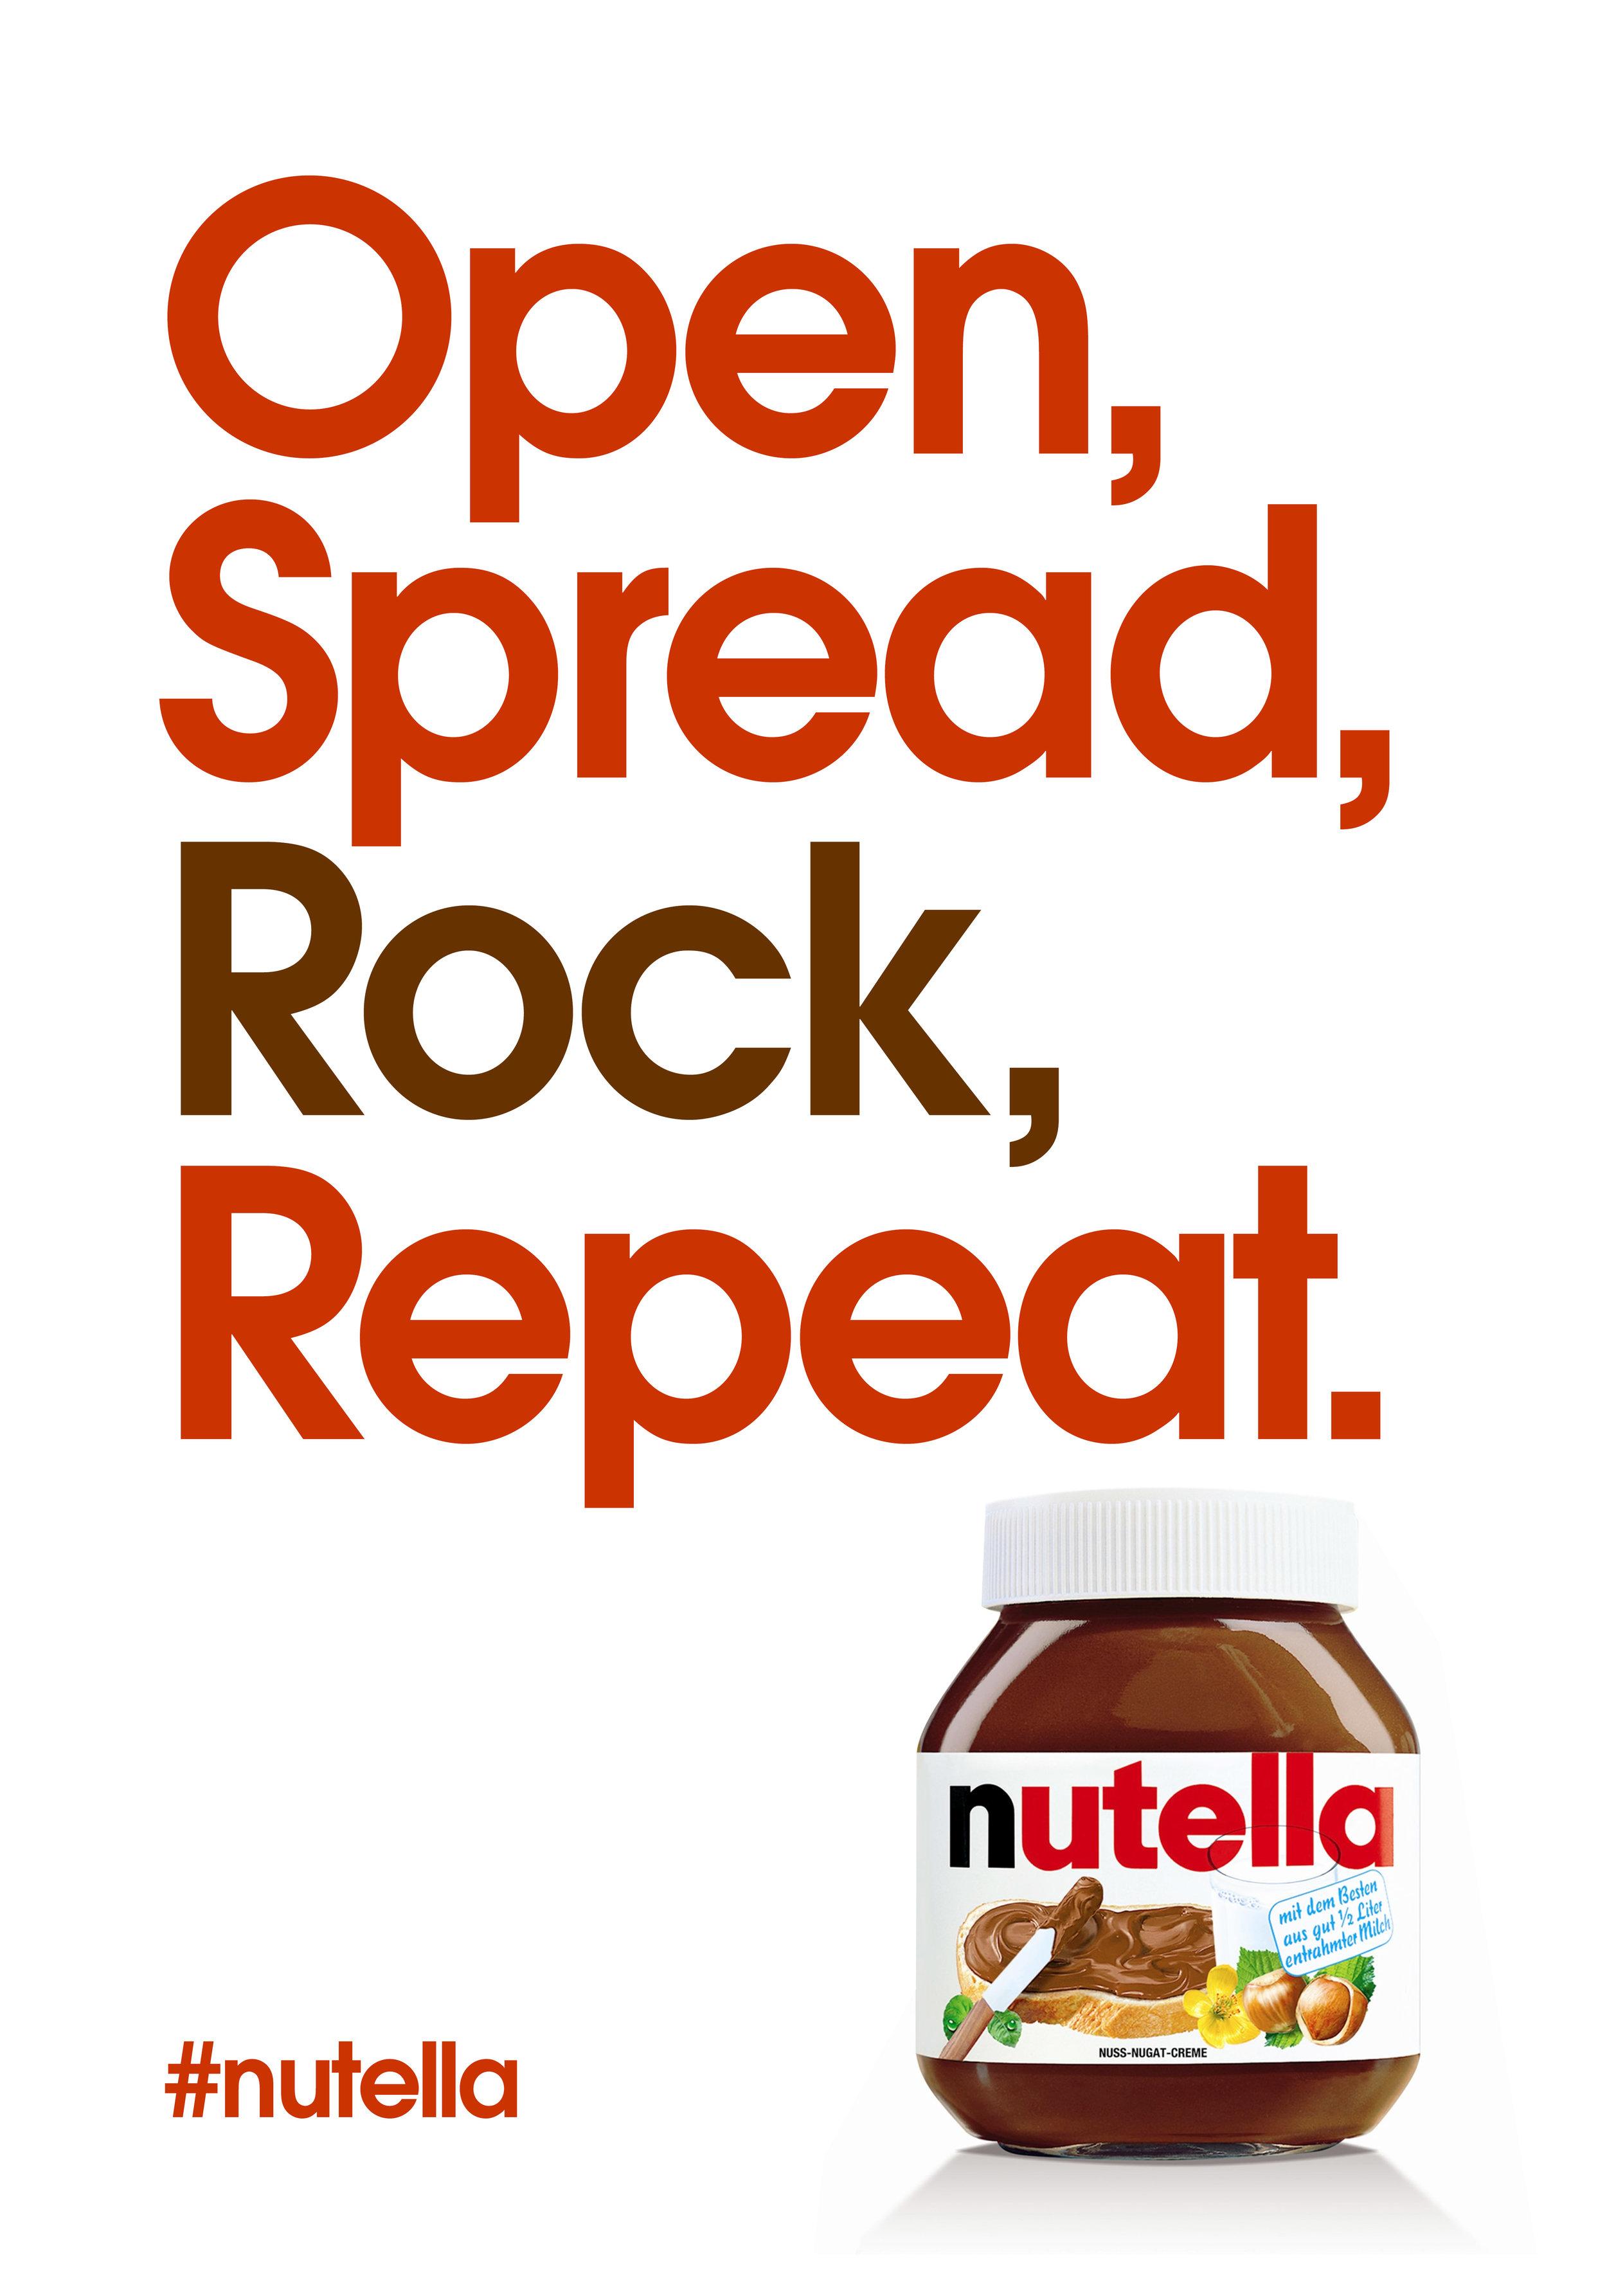 Nutella Poster3.jpg